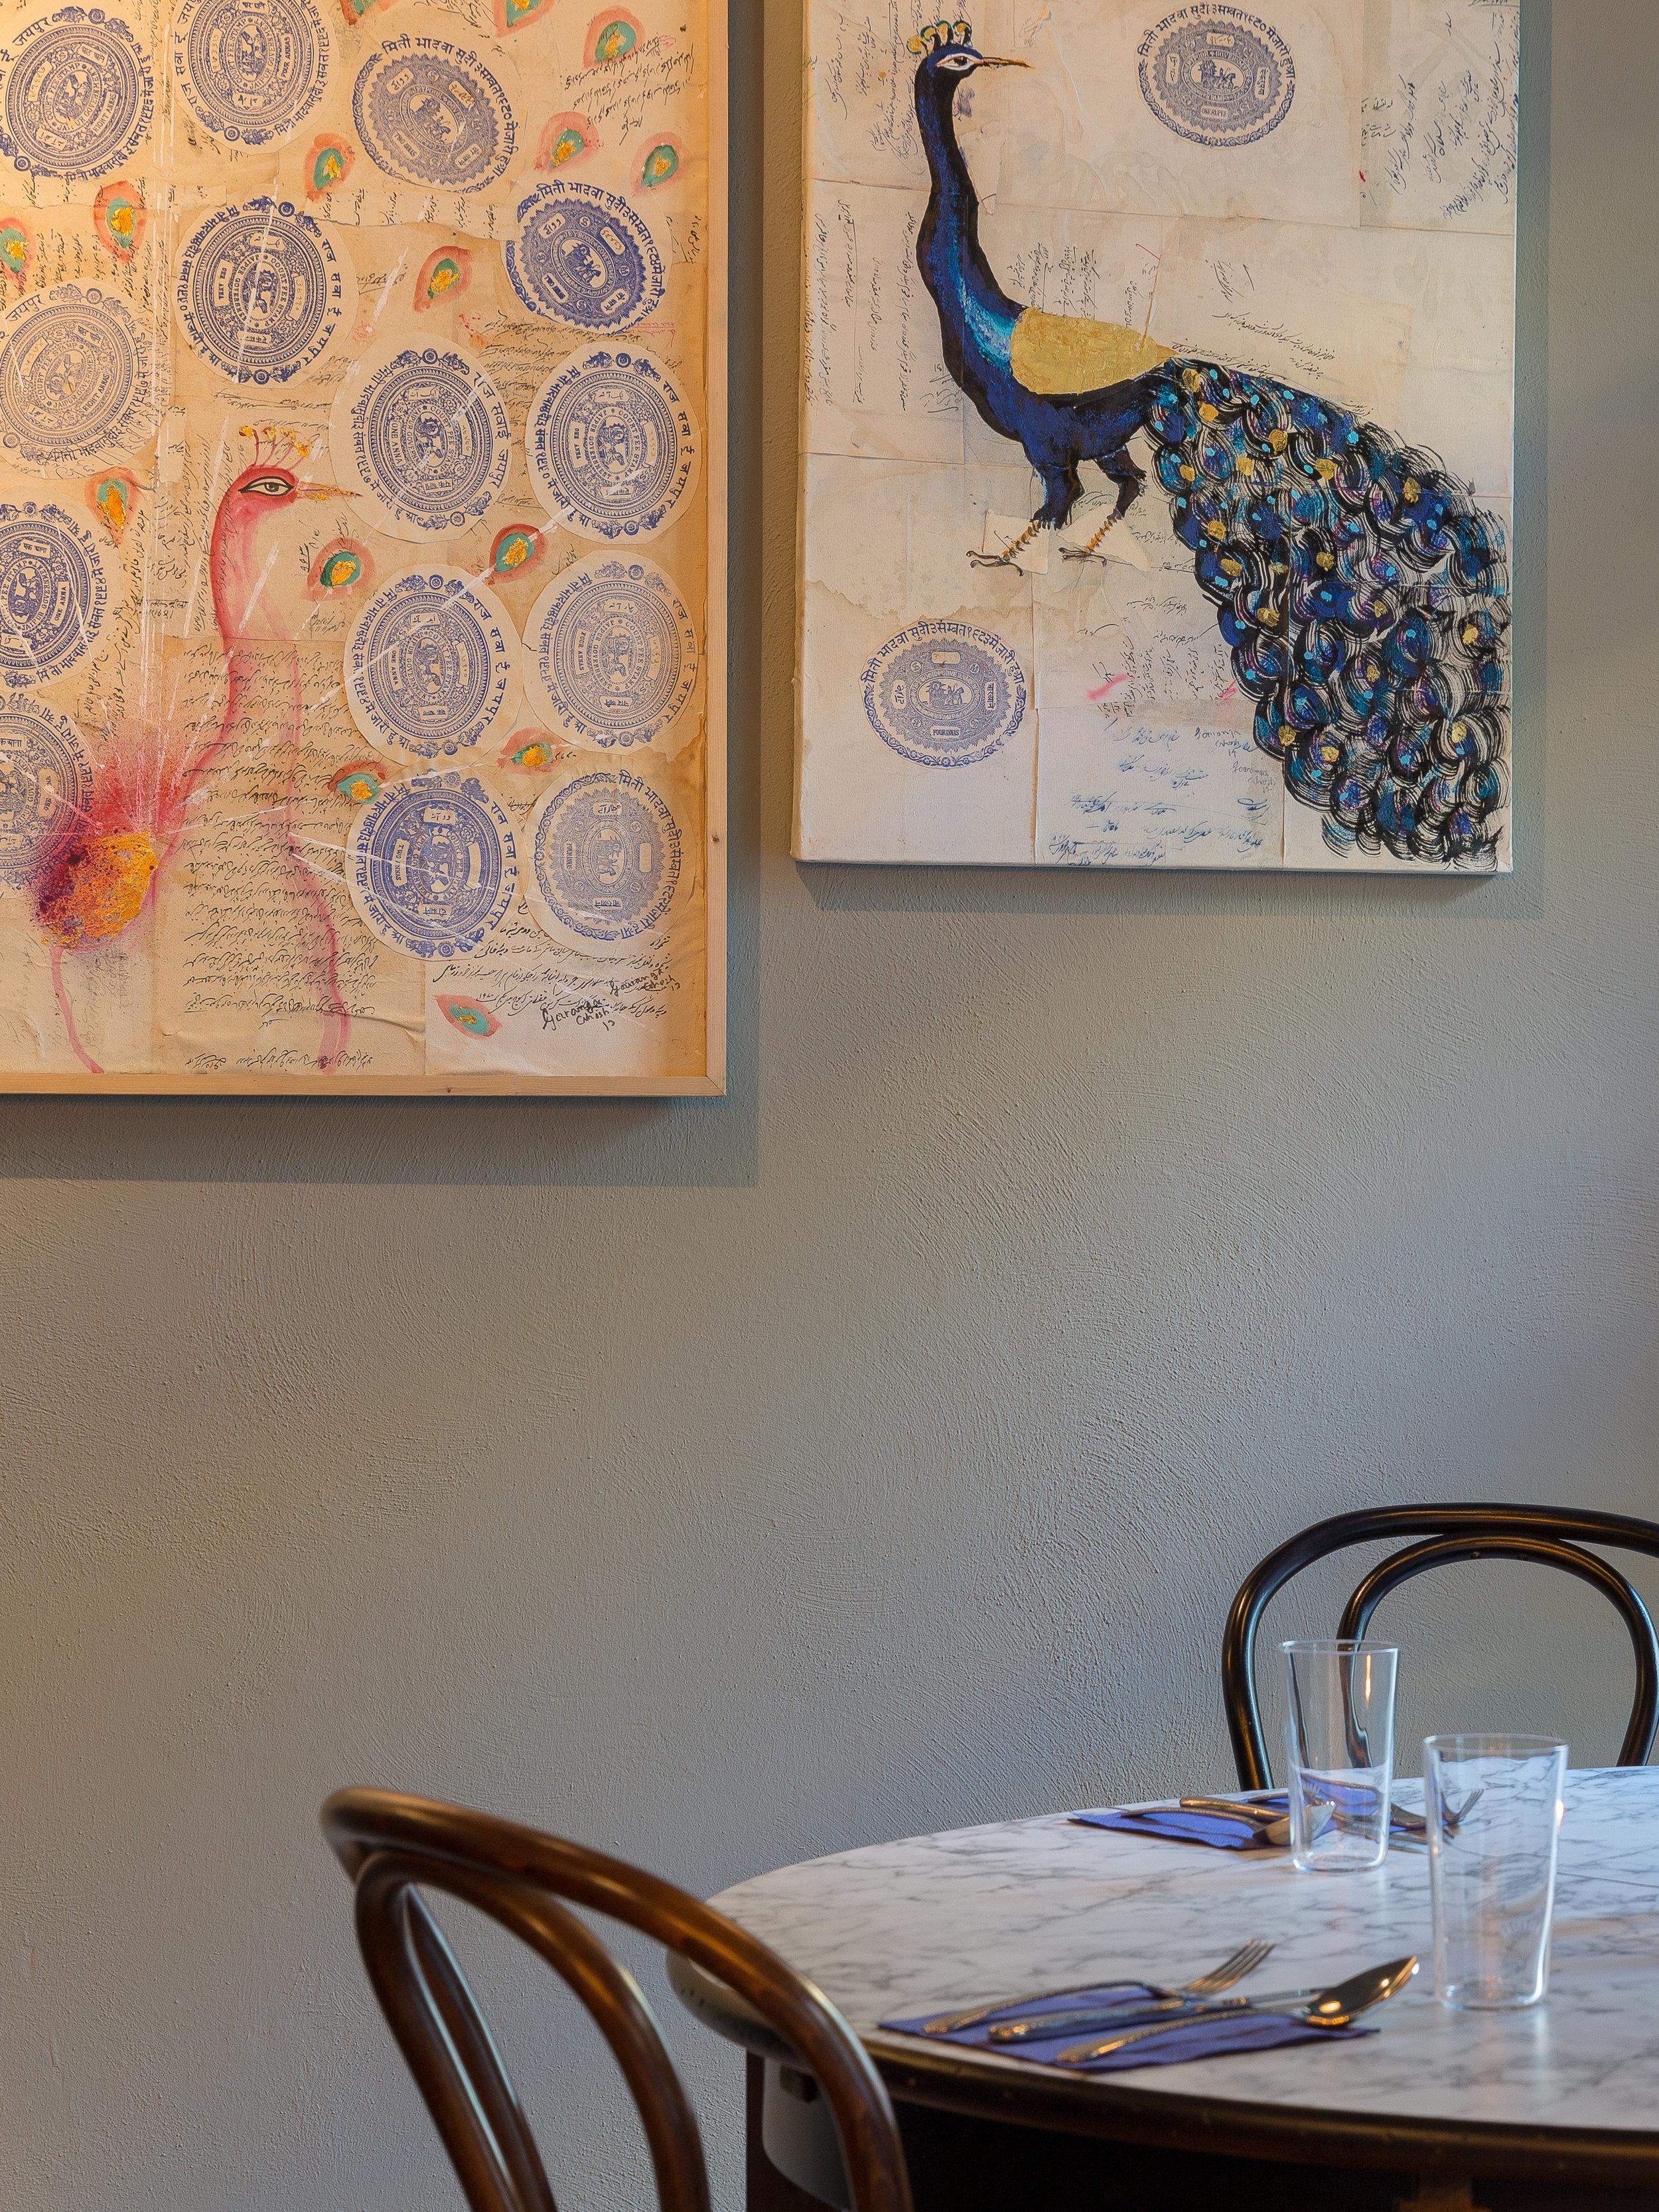 - Das Bombay Cafe Bunty's befindet sich in unmittelbarer Nähe des Kurfürstendamms. Unsere Gäste schätzen neben der ausgezeichneten Qualität der verwendeten Lebensmittel, auch den angenehmen und unkomplizierten Service sowie das moderne Design des Restaurants.